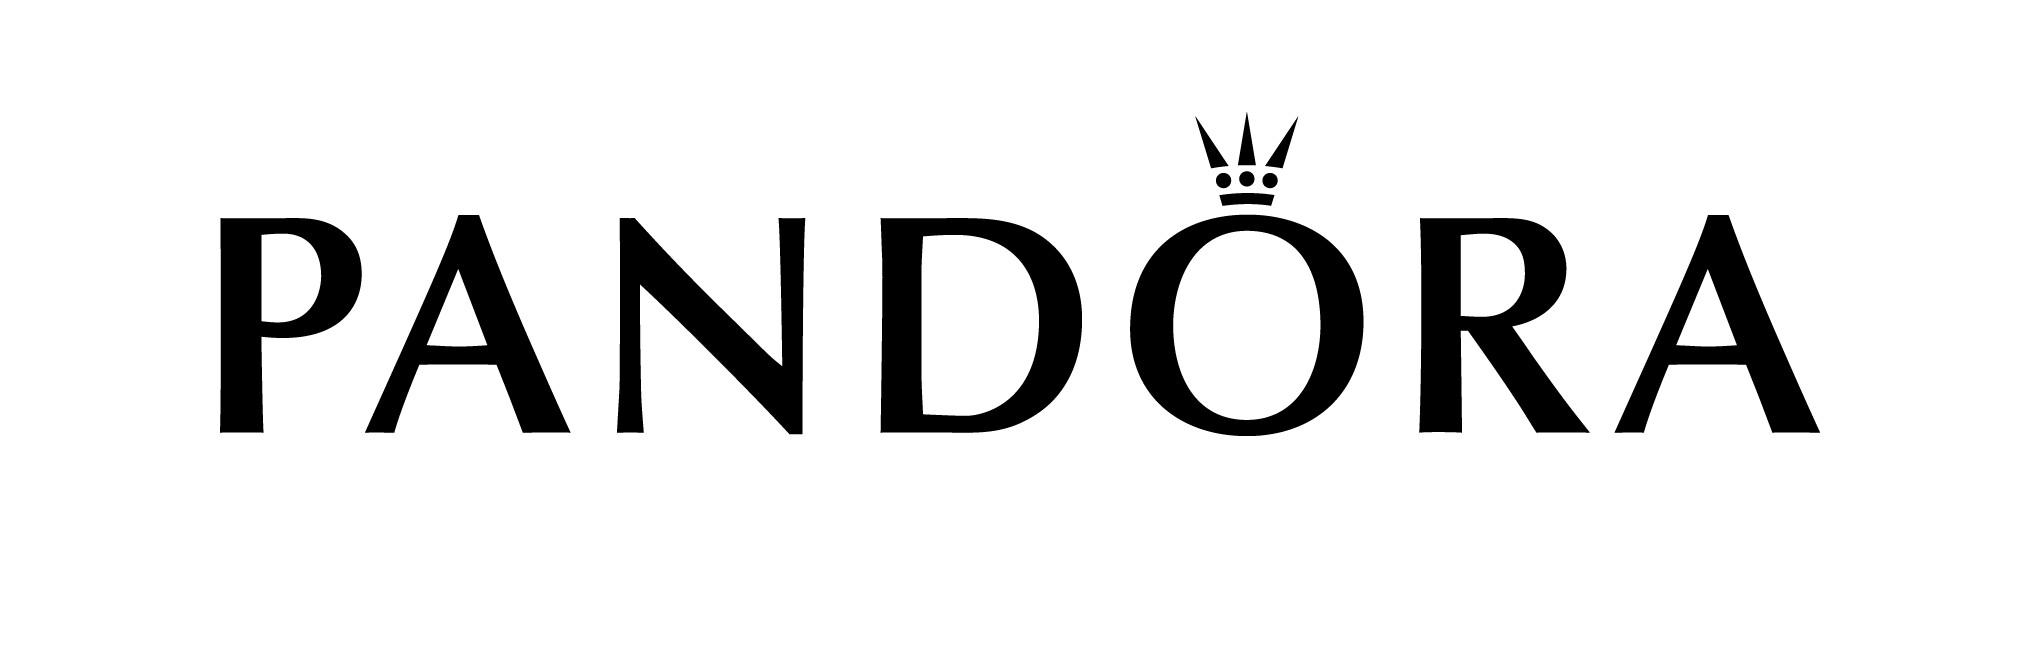 Cn Pandora Logo